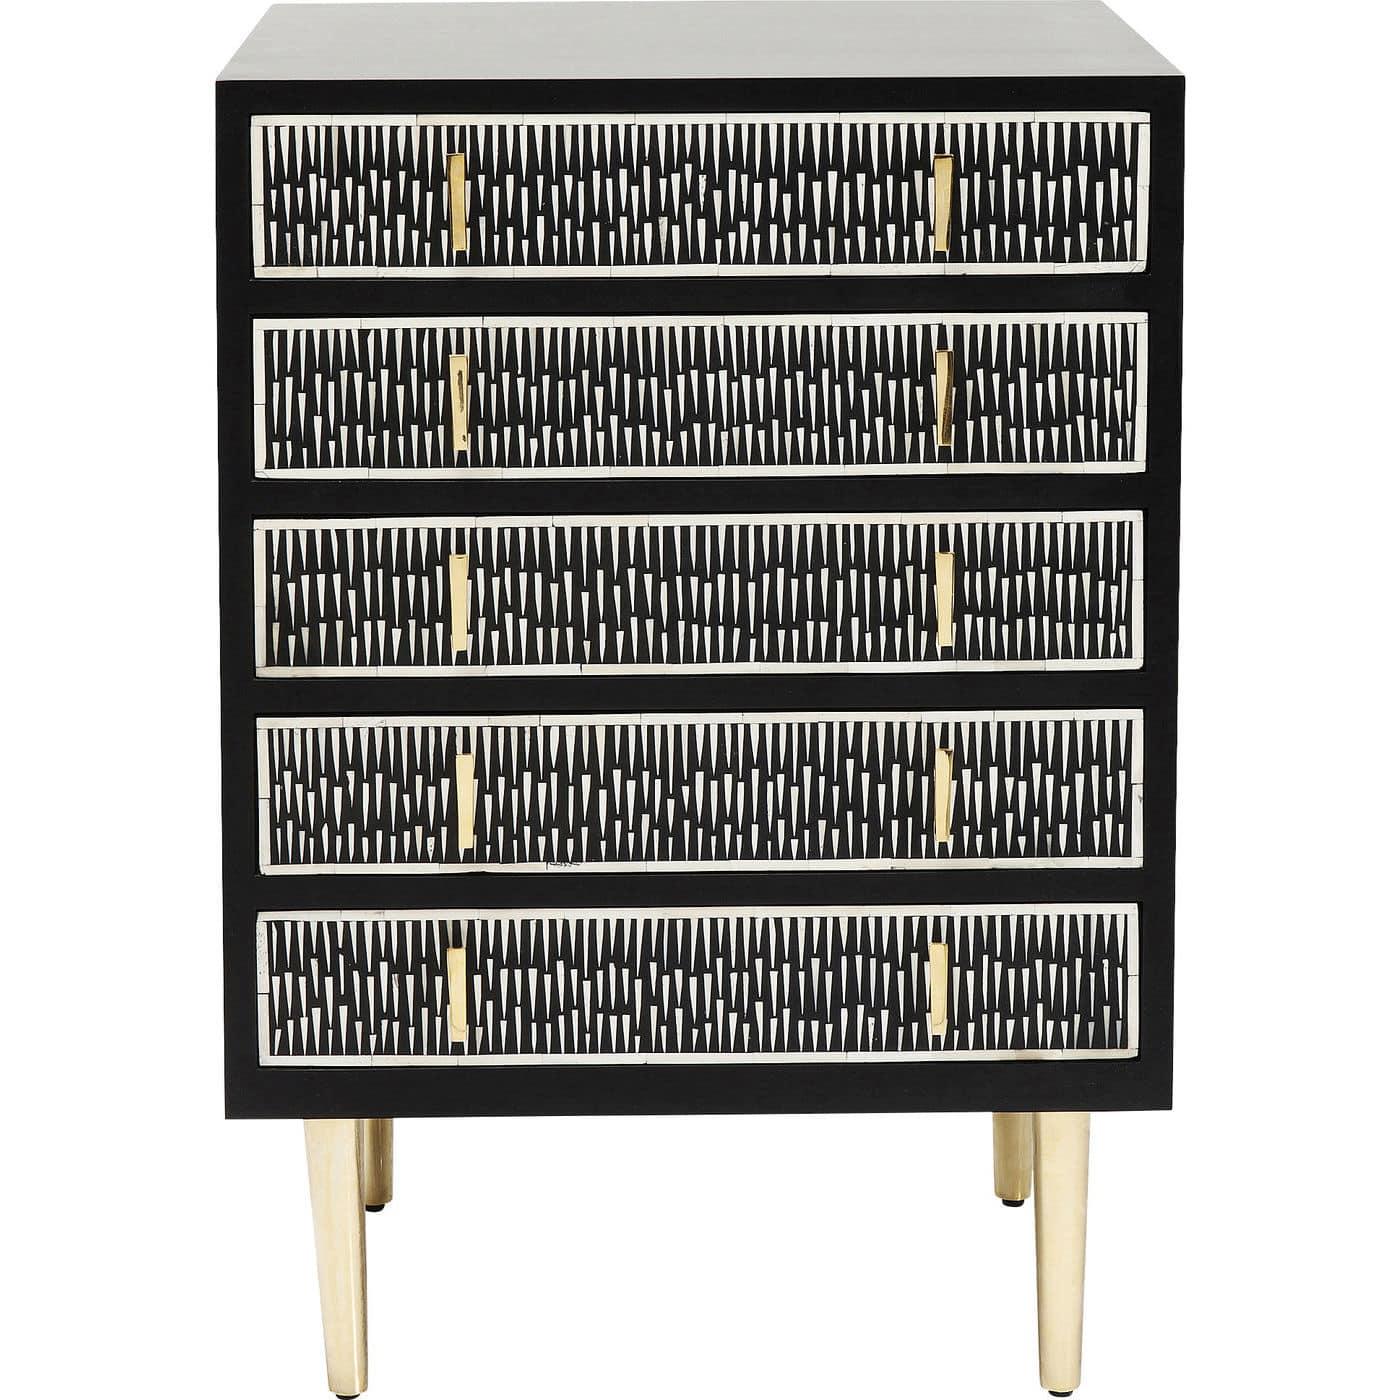 kare design Kare design piano kommode - sort plast/hvid kamelben/messing stål, m. 5 skuffer på boboonline.dk